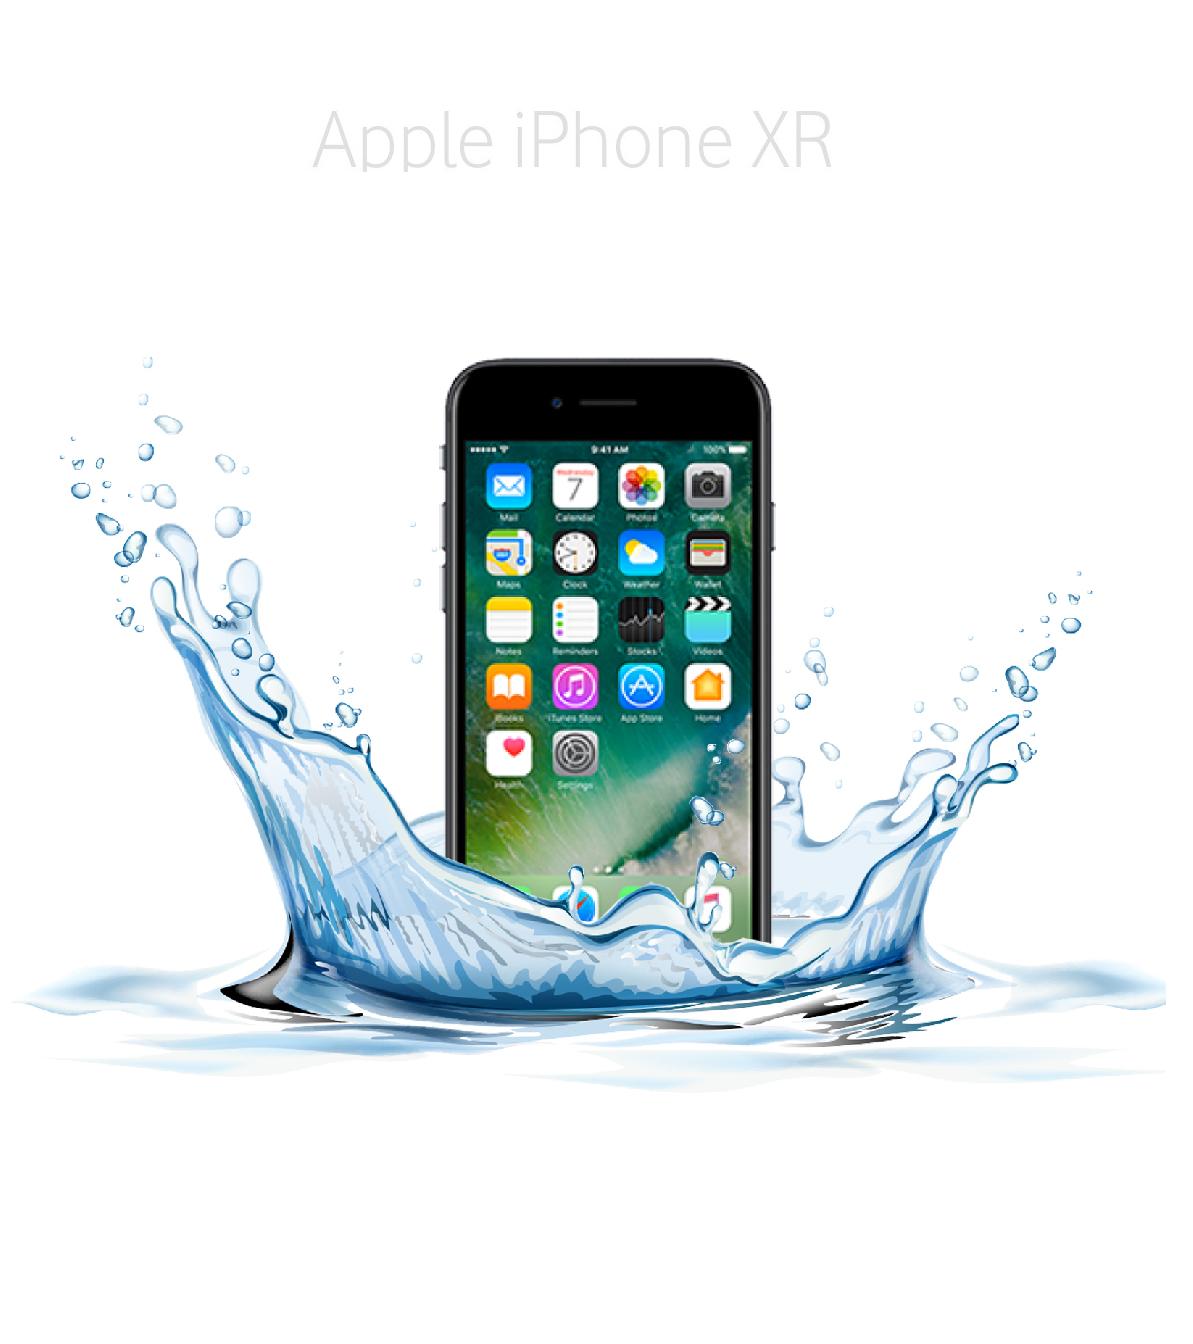 Laga fukt/vattenskadad iPhone XR